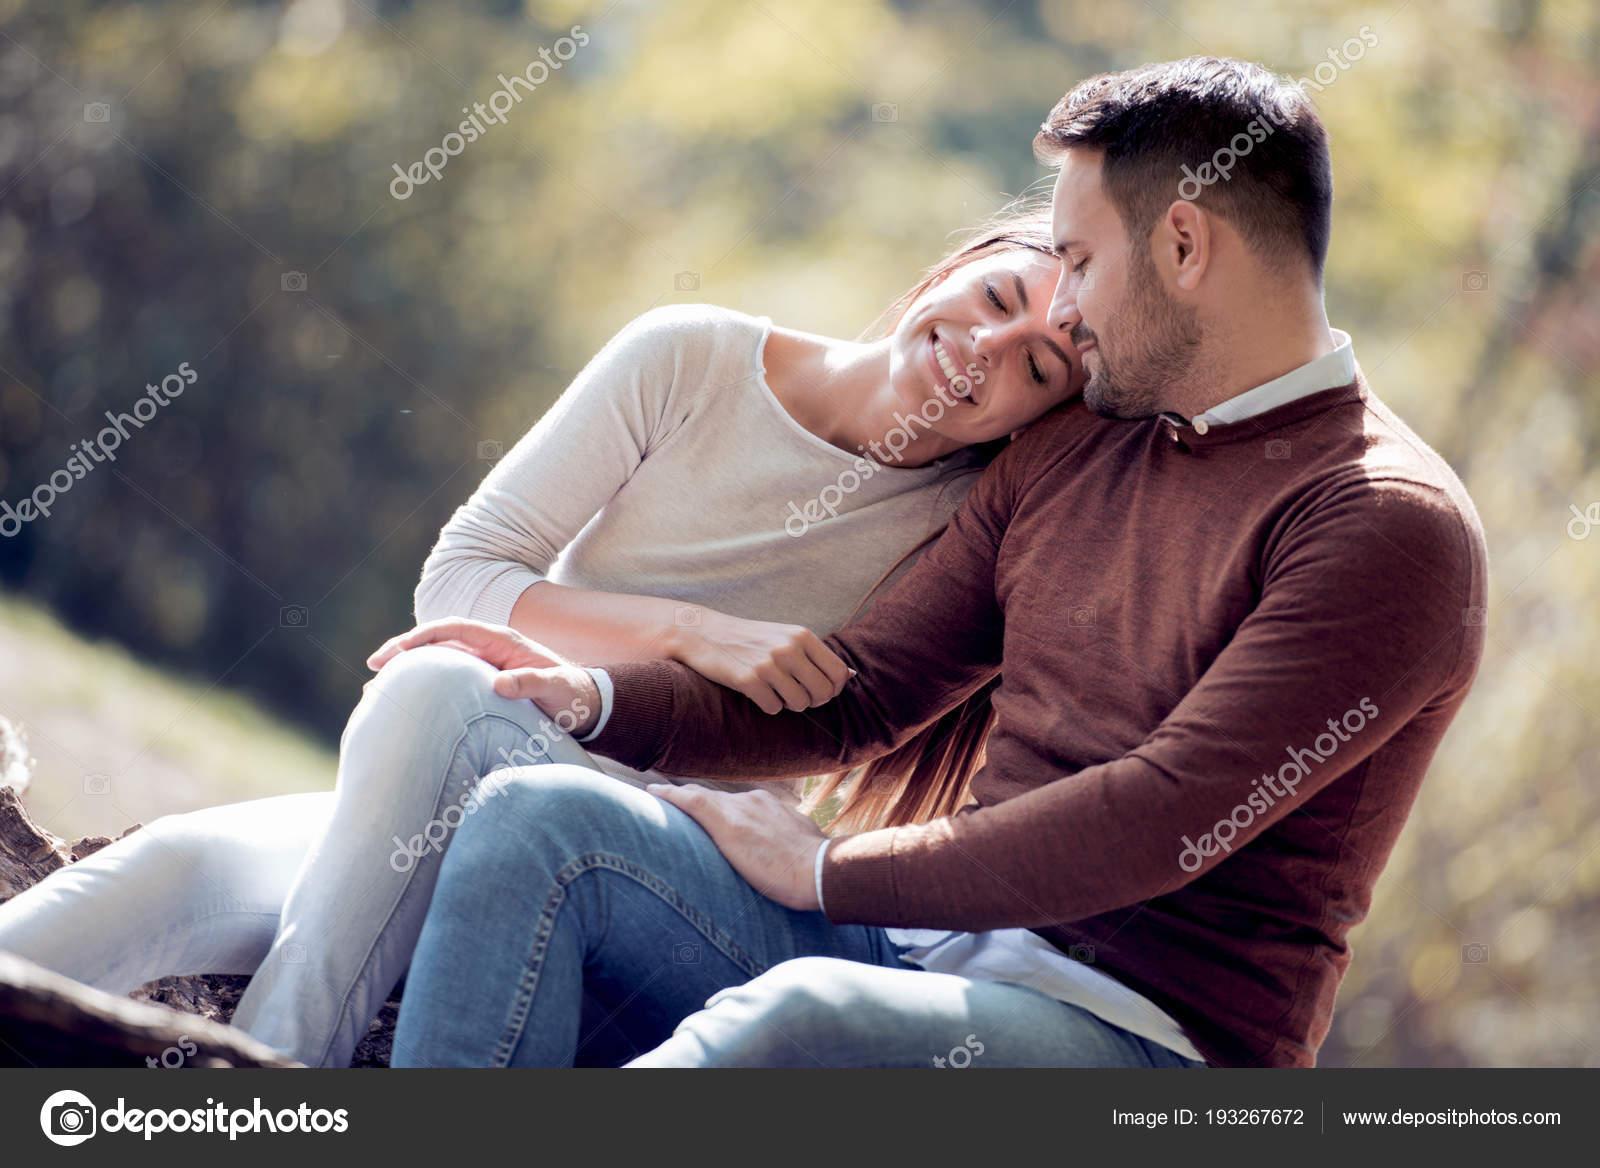 online dating rådgivning, når de skal mødes personligt